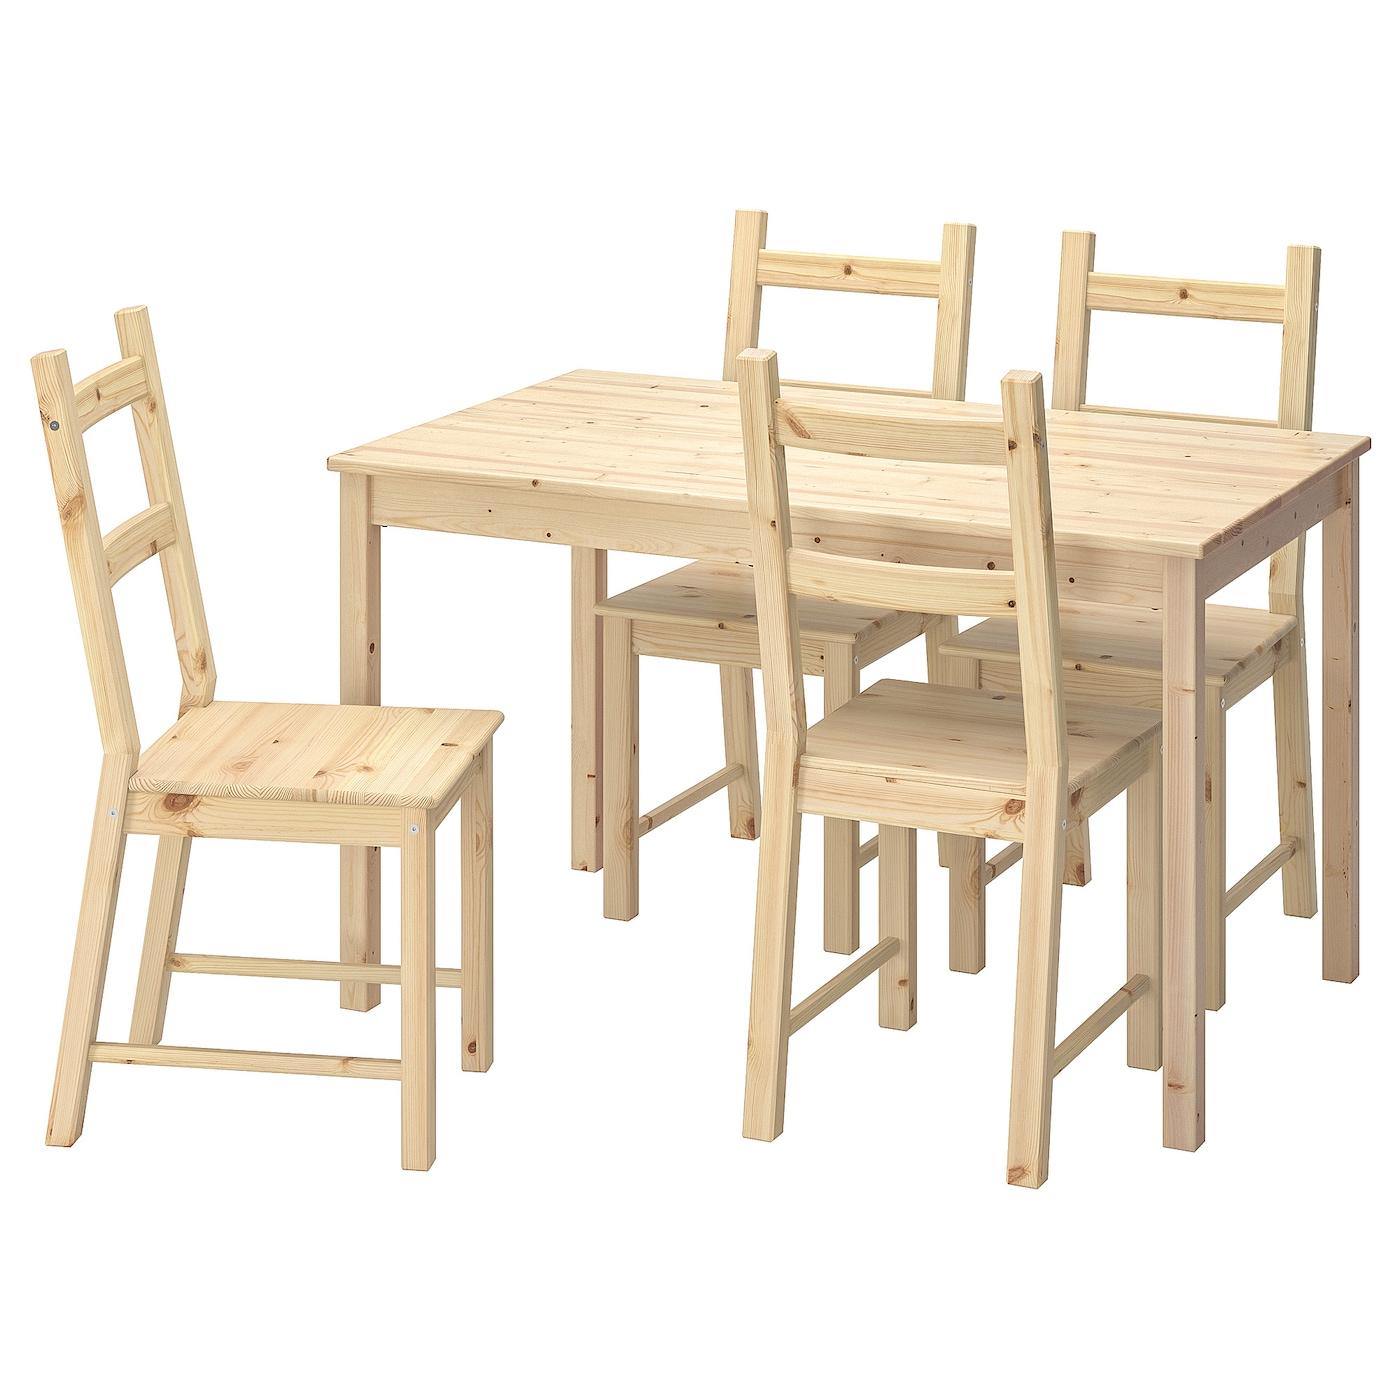 INGO IVAR Tisch Und 4 Stühle Kiefer IKEA Schweiz